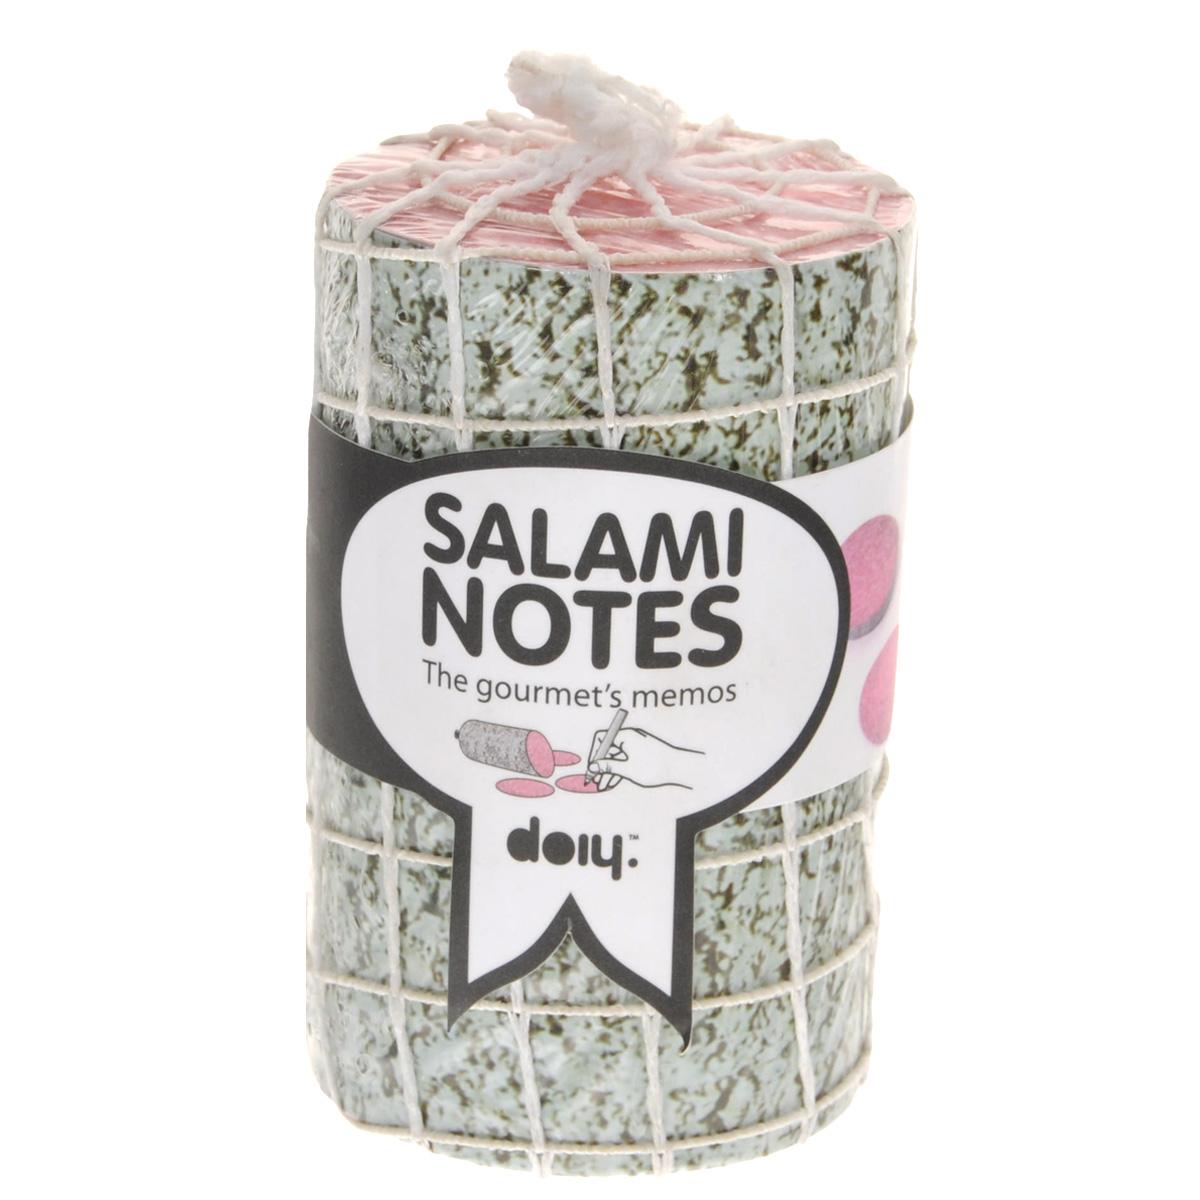 Блок для записей Doiy Salami, диаметр 6 смDOSNBASБлок для записей Doiy Salami отлично подойдет для важных записей и пометок. Блок, выполненный в виде аппетитной колбаски, включает в себя 1000 листов из высококачественной бумаги. Записки, сделанные на таких листках, никогда не останутся незамеченными, а важные дела не будут забыты. Блок для записей станет не только практичным офисным или домашним инструментом, но и украсит ваш рабочий стол и обязательно поднимет настроение!